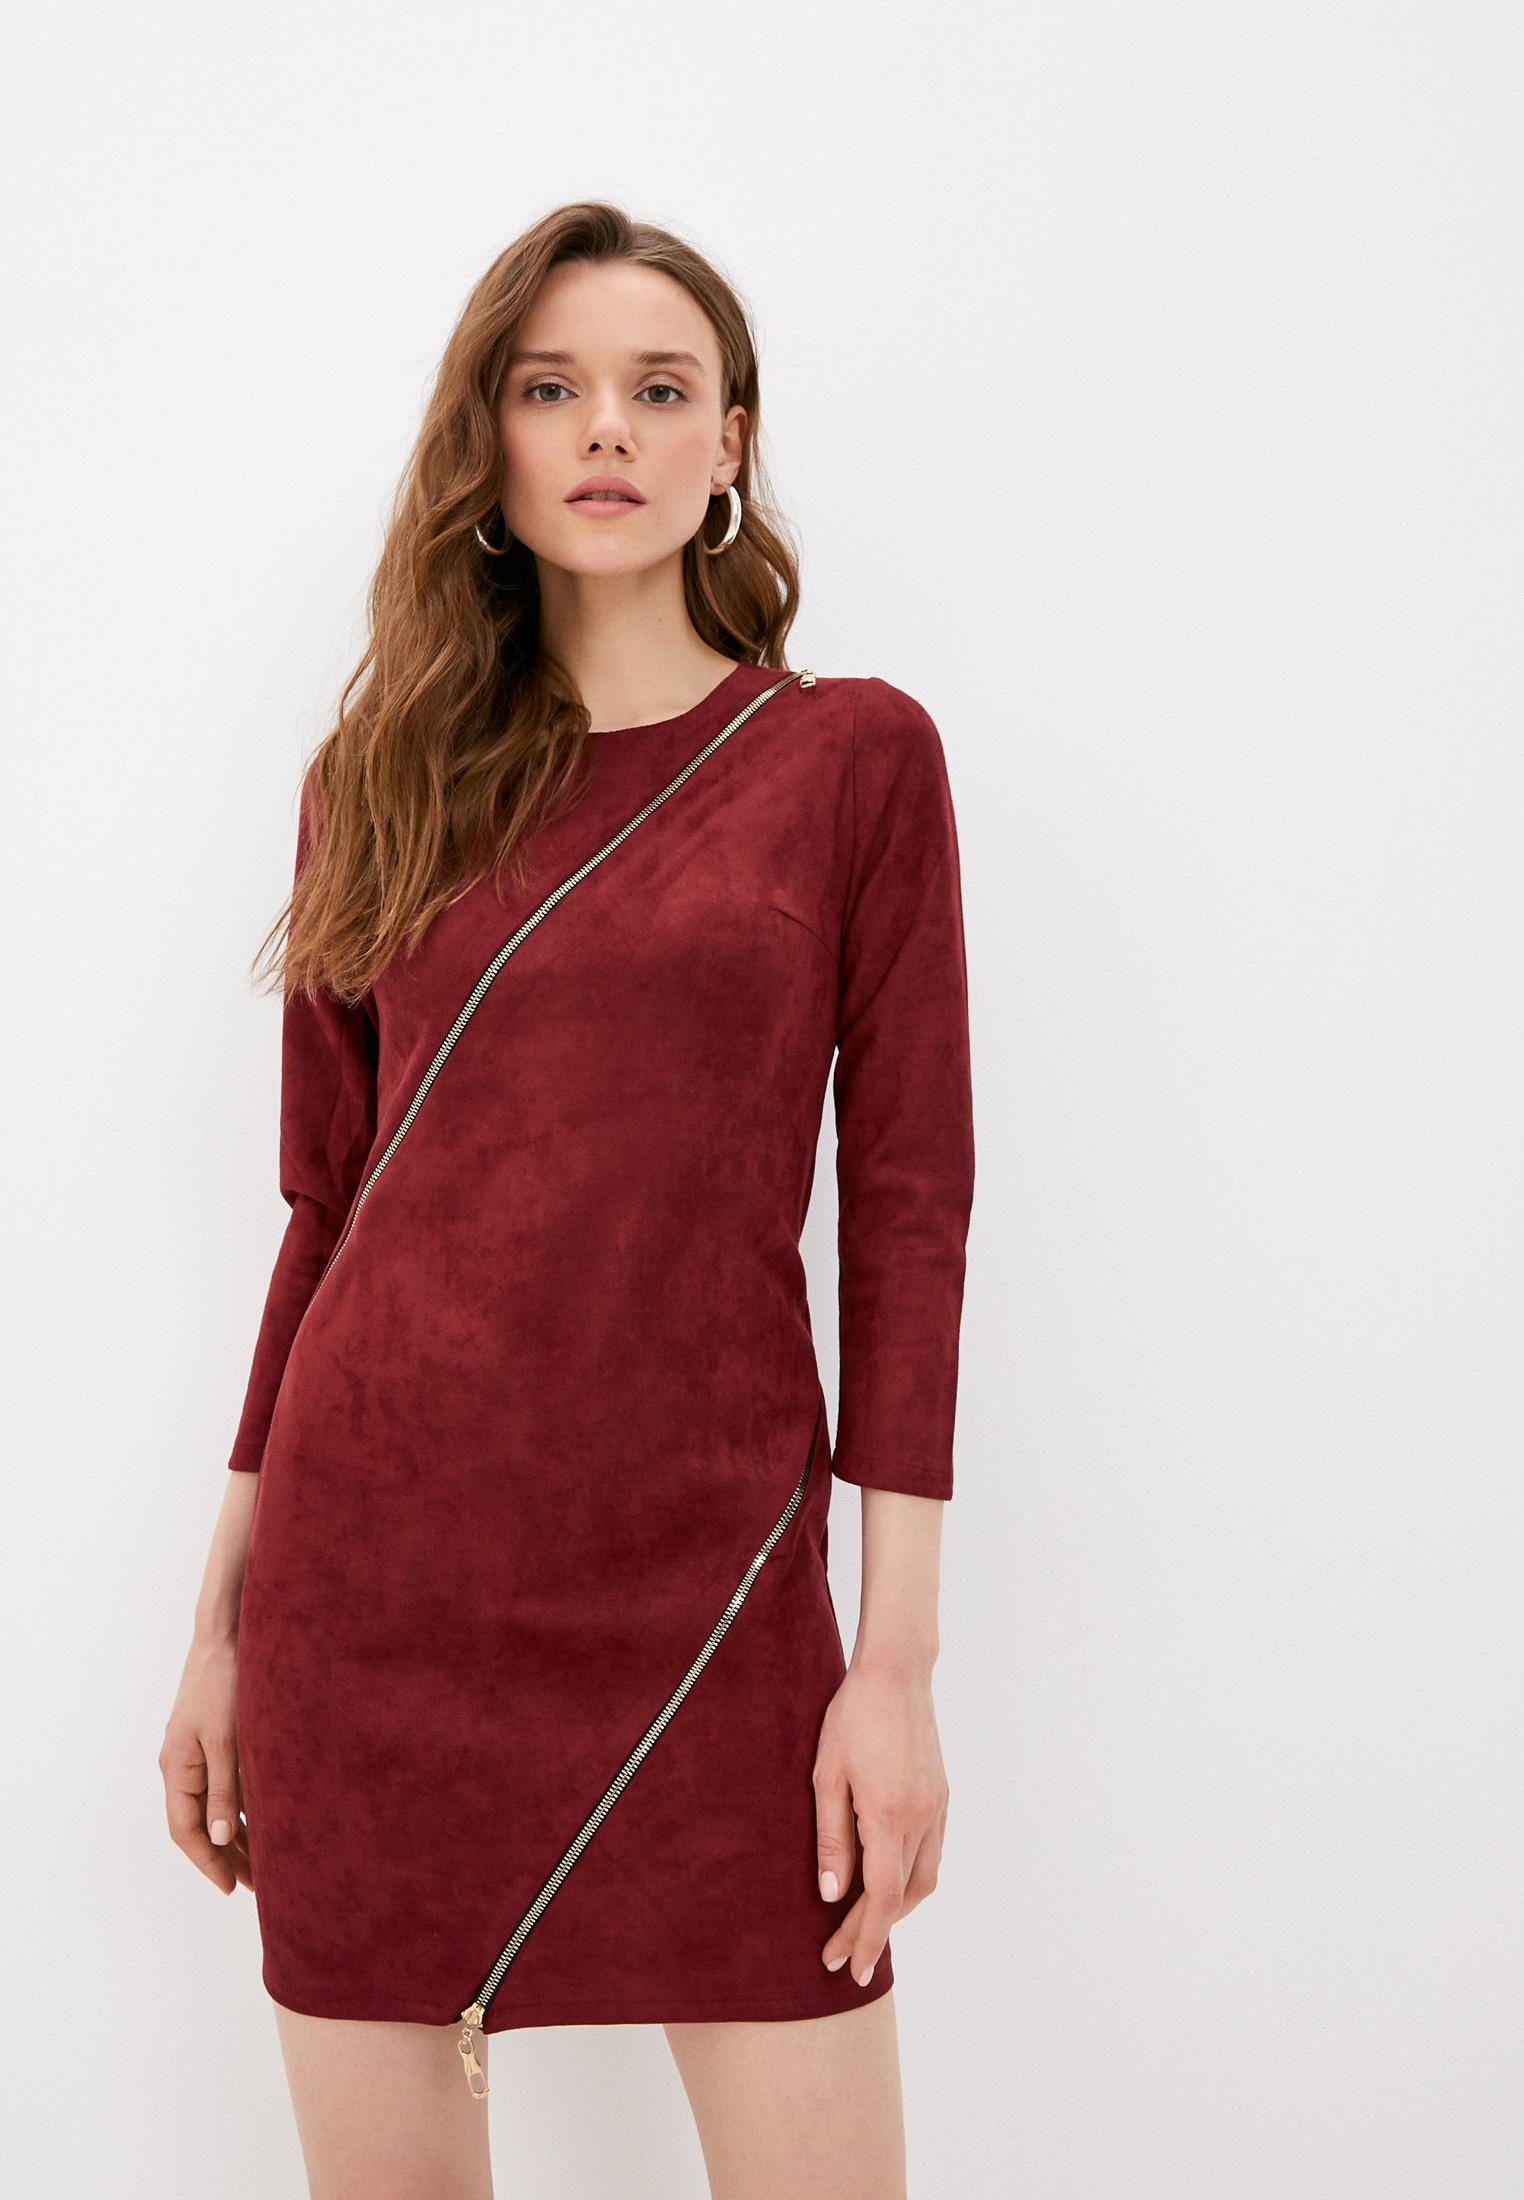 Платье Pink Orange PO21-0313-2353-1